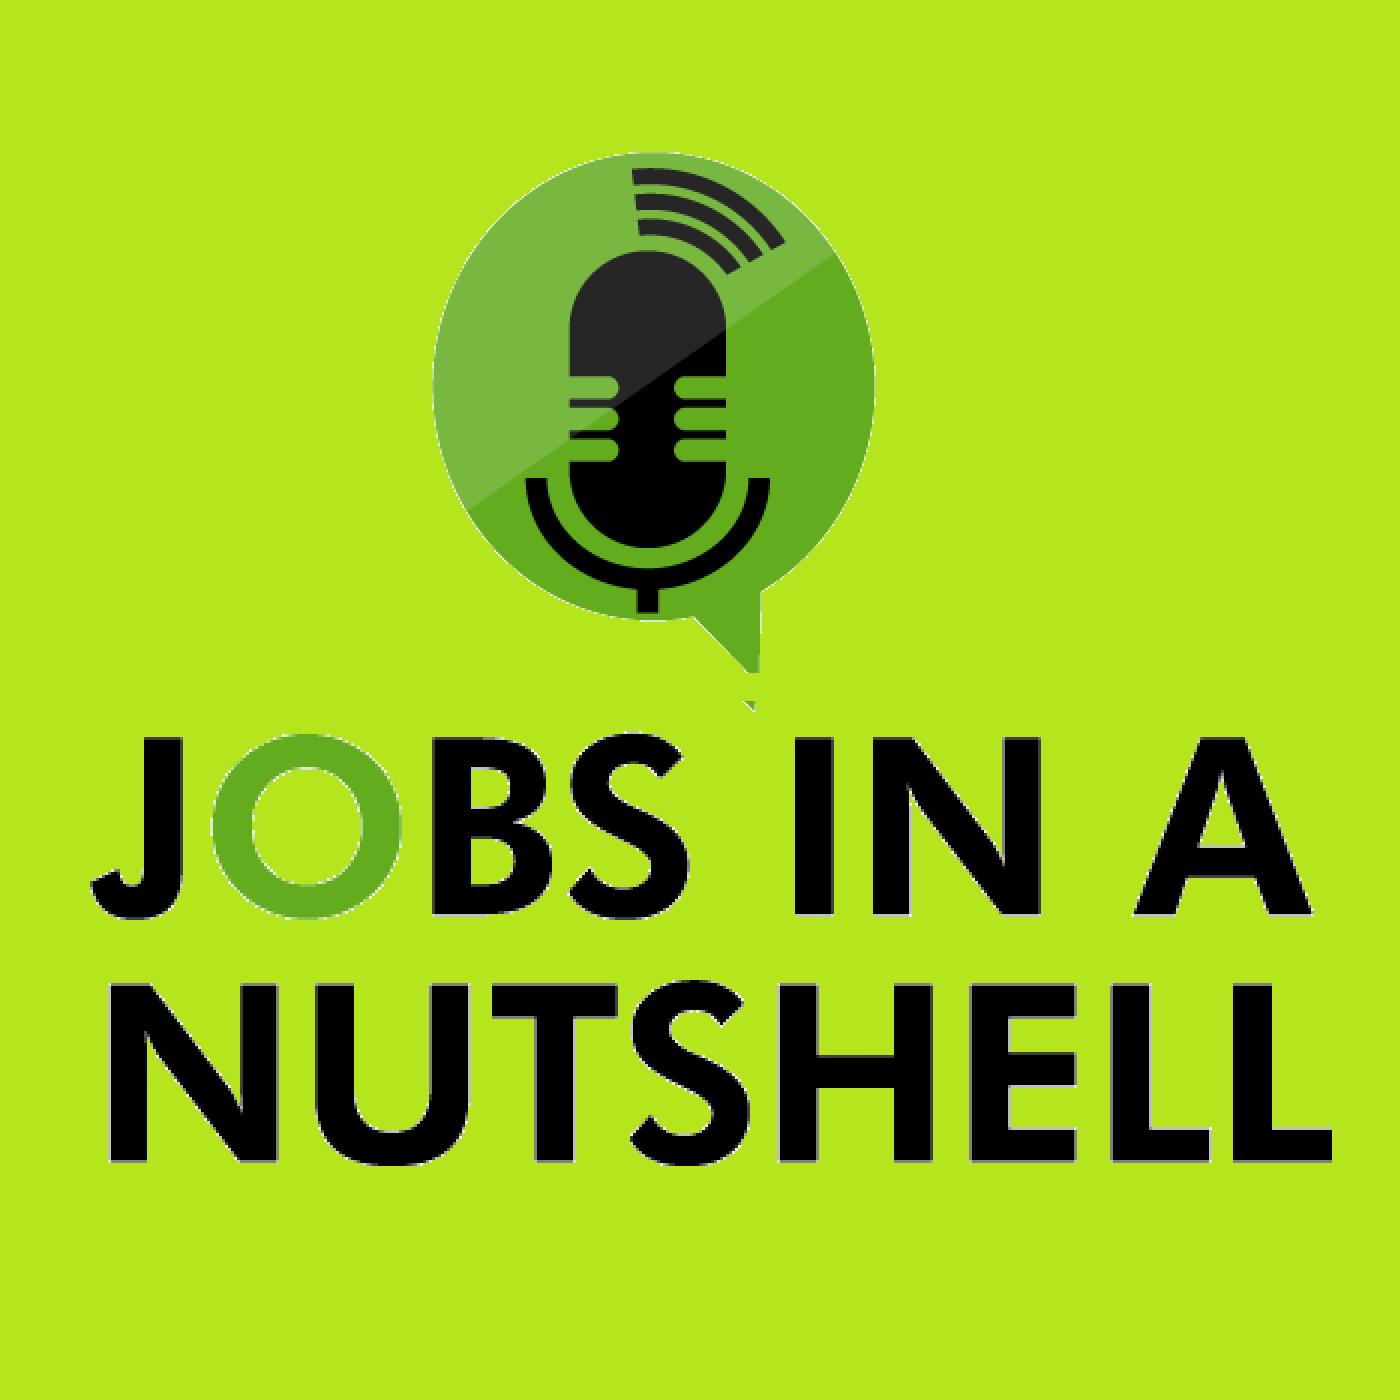 Jobs in a Nutshell